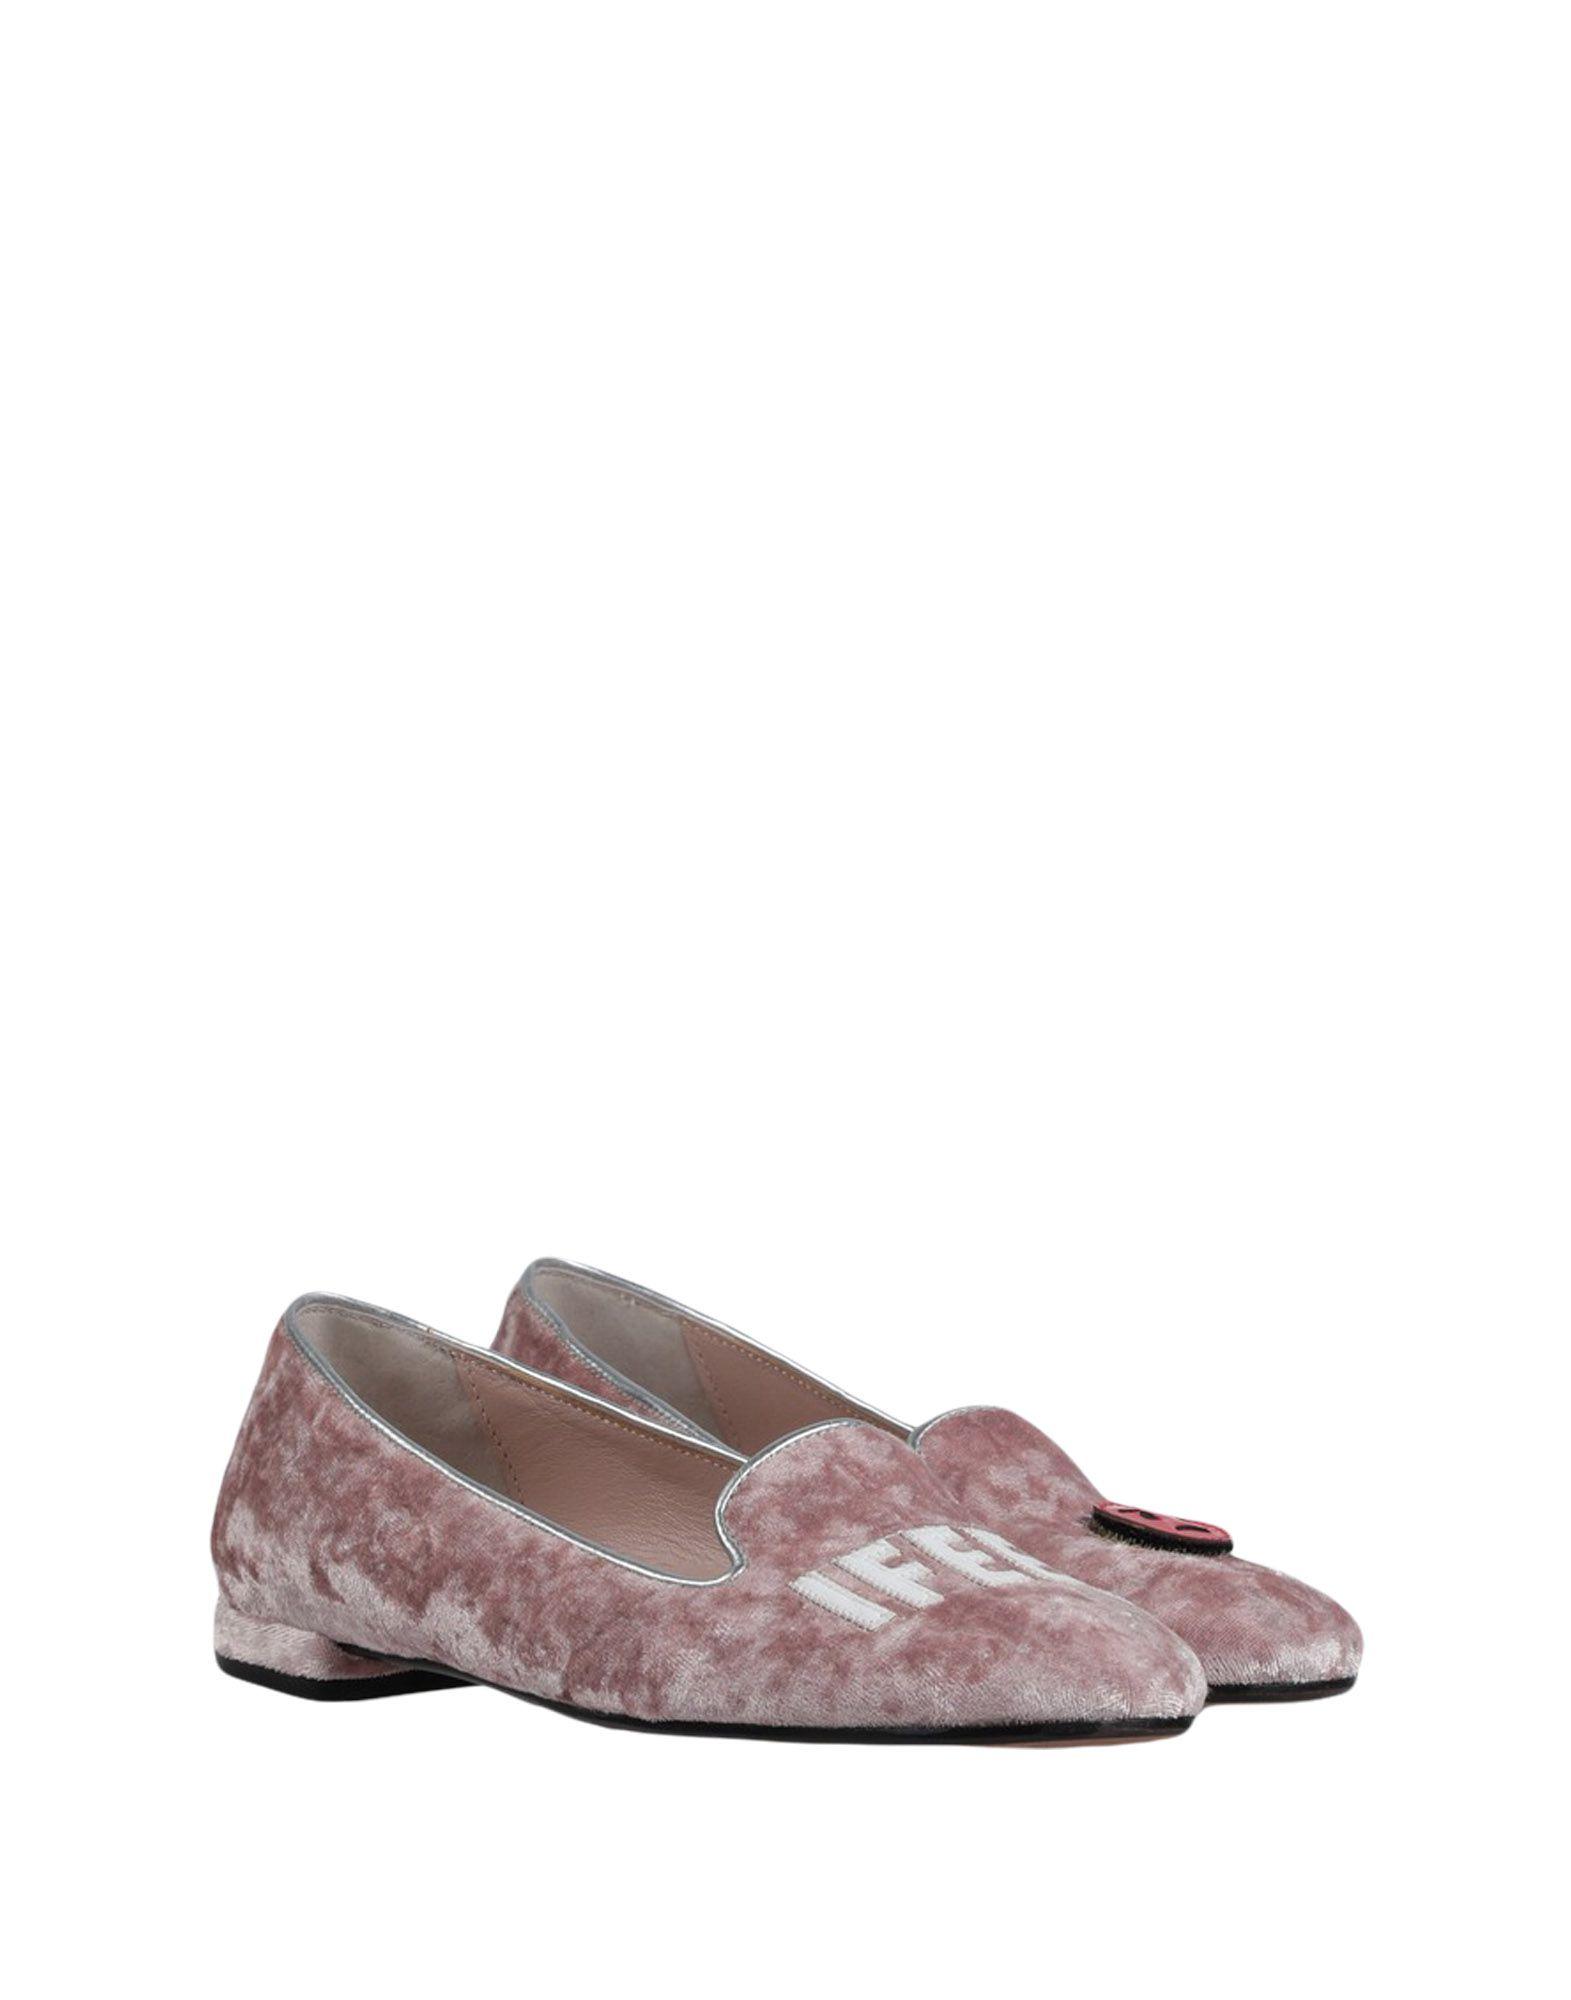 Stilvolle Ferragni billige Schuhe Chiara Ferragni Stilvolle Mokassins Damen  11556845IX ebca36